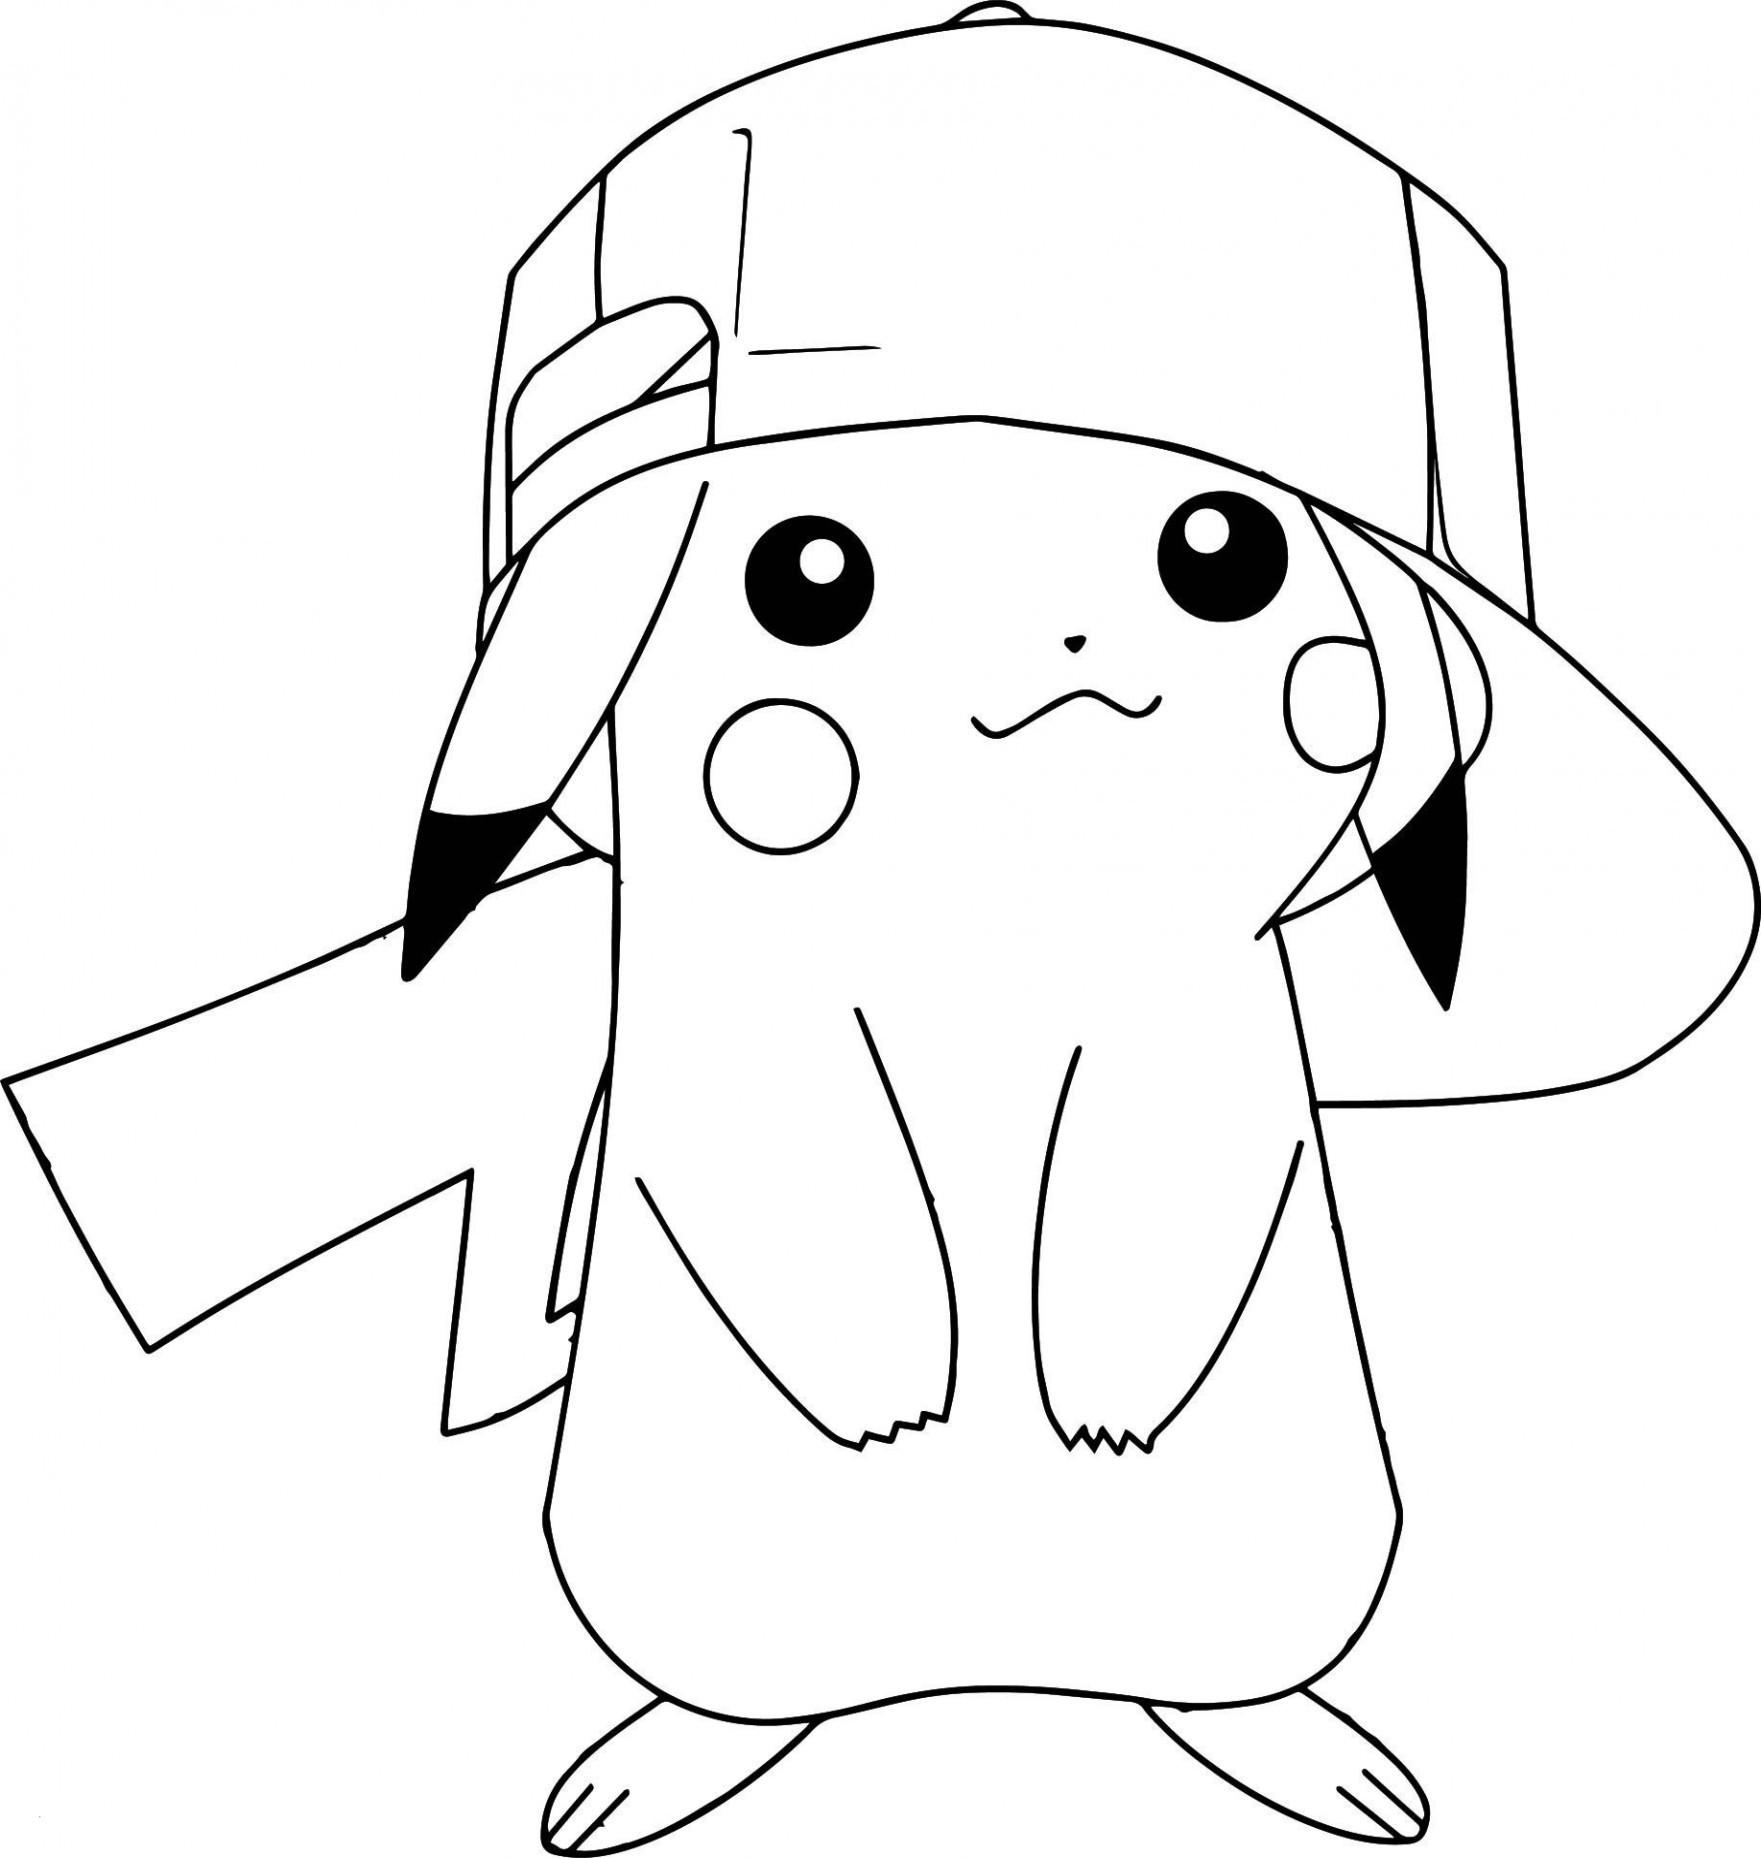 Malvorlagen Von Pokemon Einzigartig Pikachu Coloring Pages Galerie